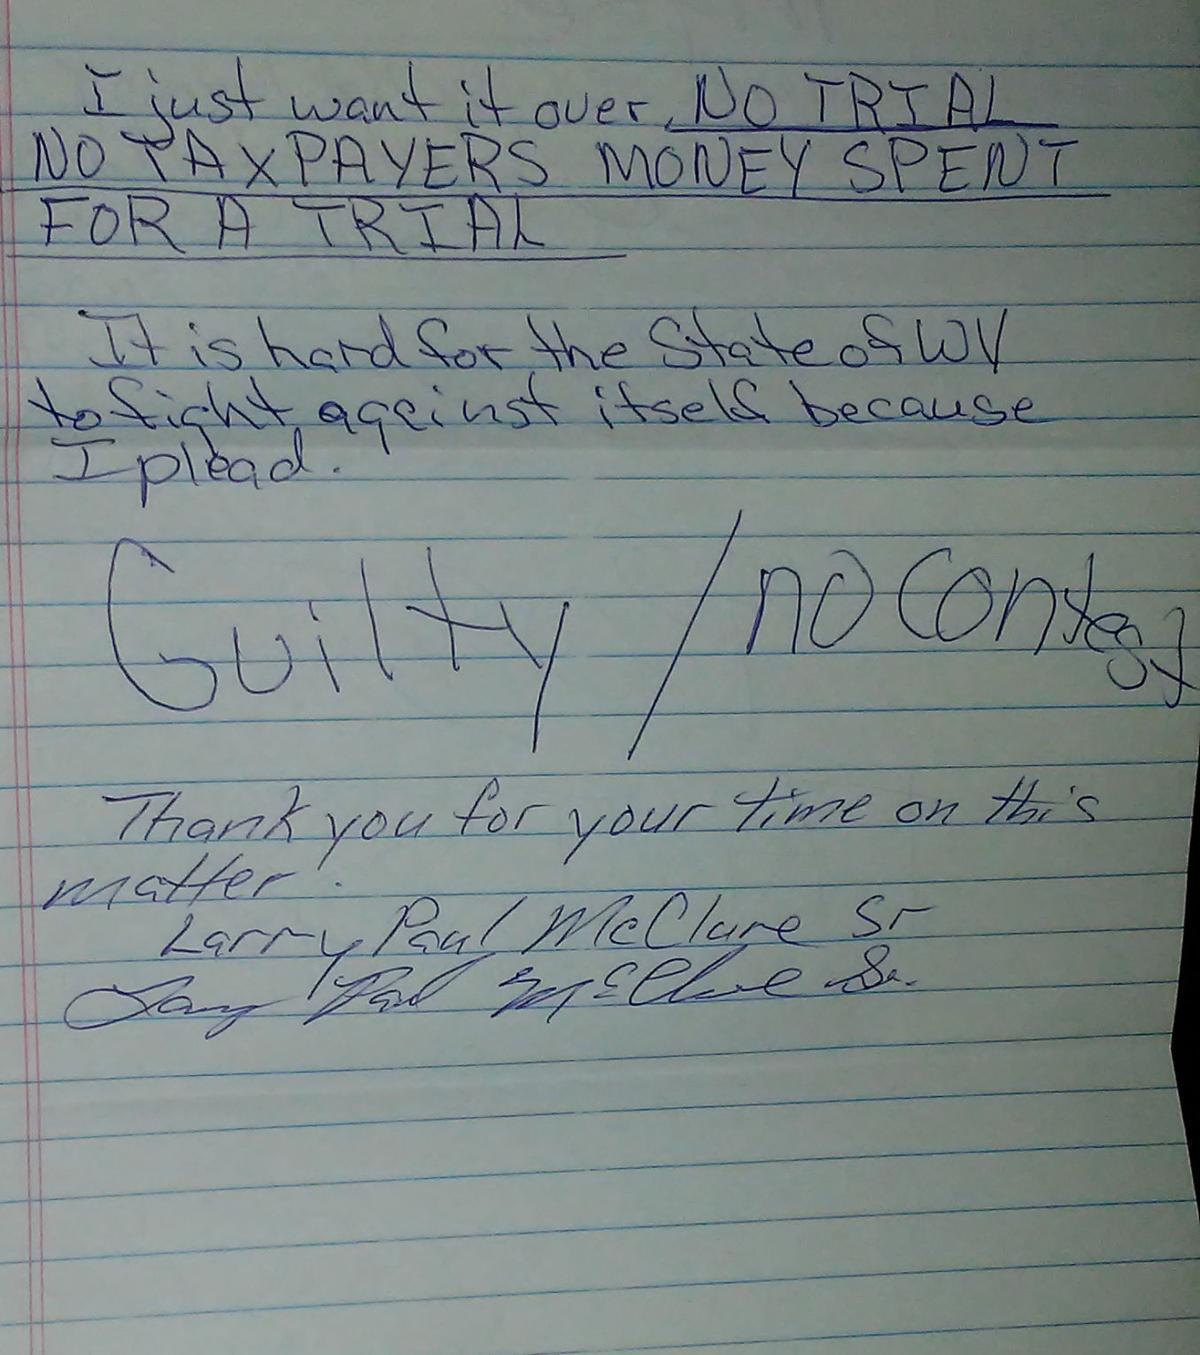 McClure confession letter